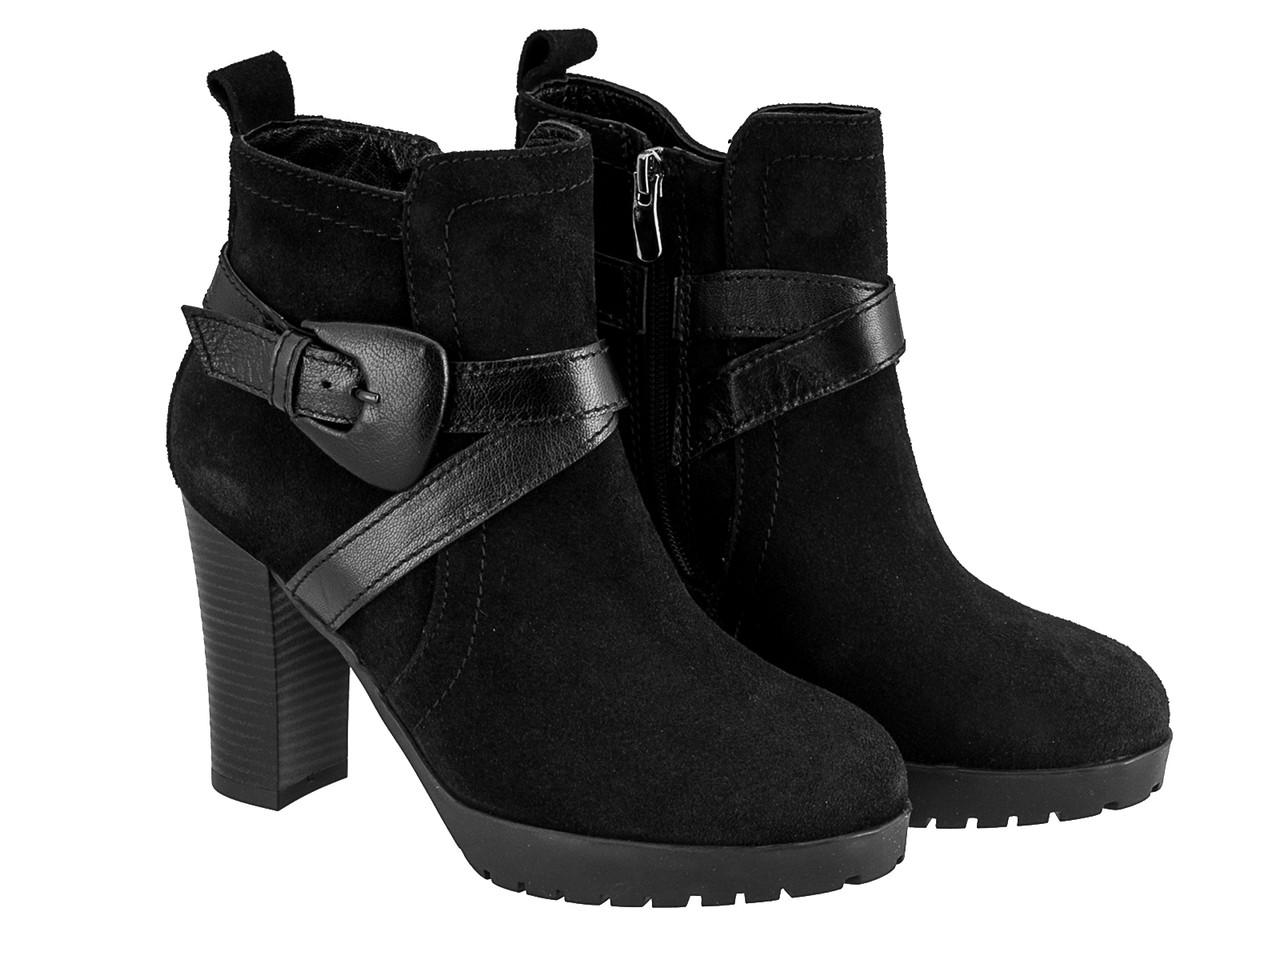 Ботинки Etor 1438-1088 черные